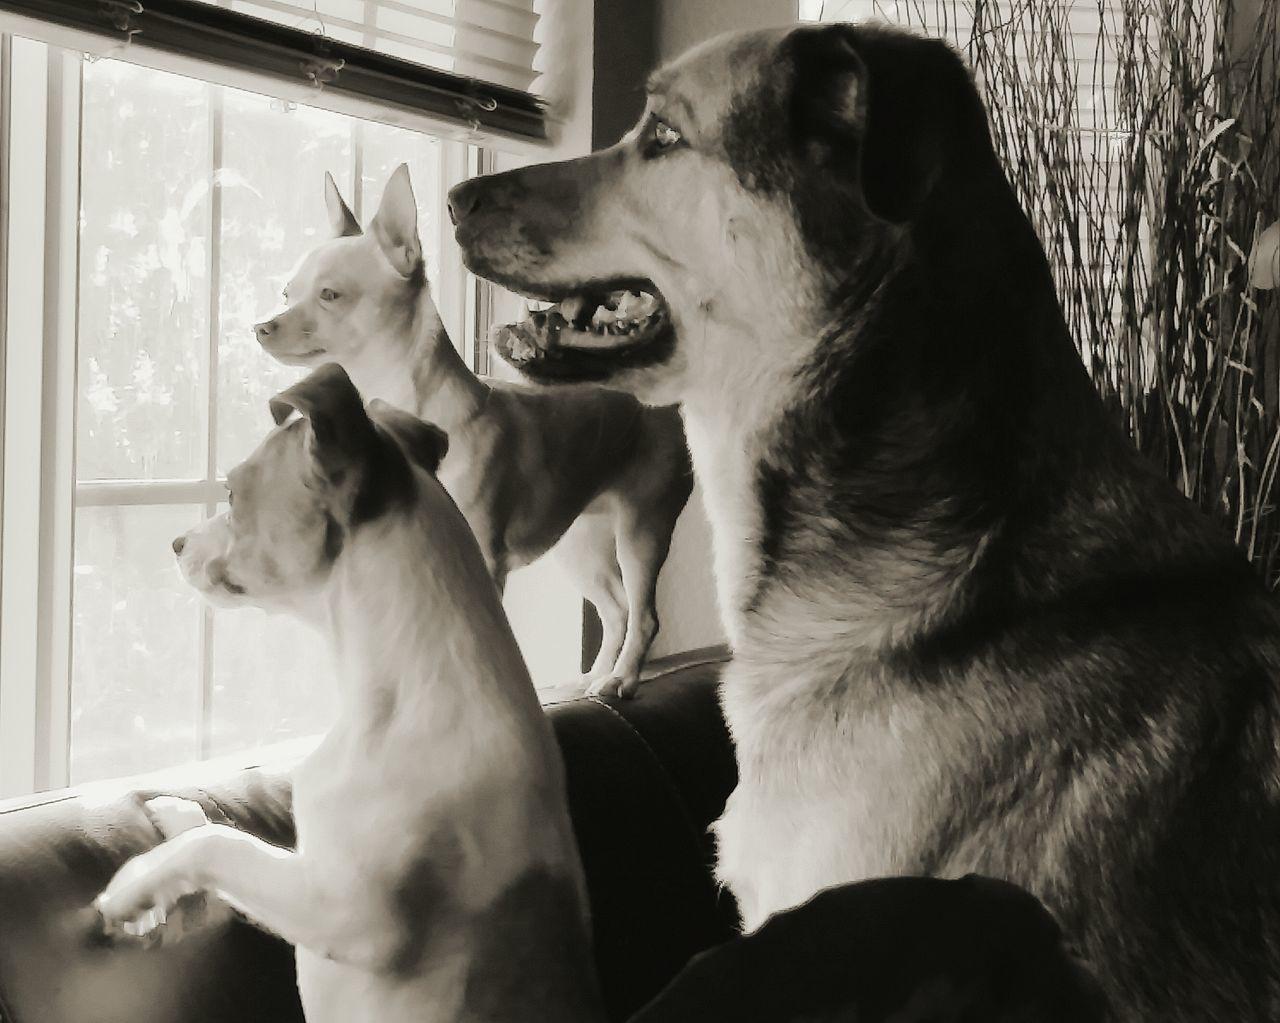 Cute Pets People Watching Love ♥ Furbabies Friends ❤ Fury Friends